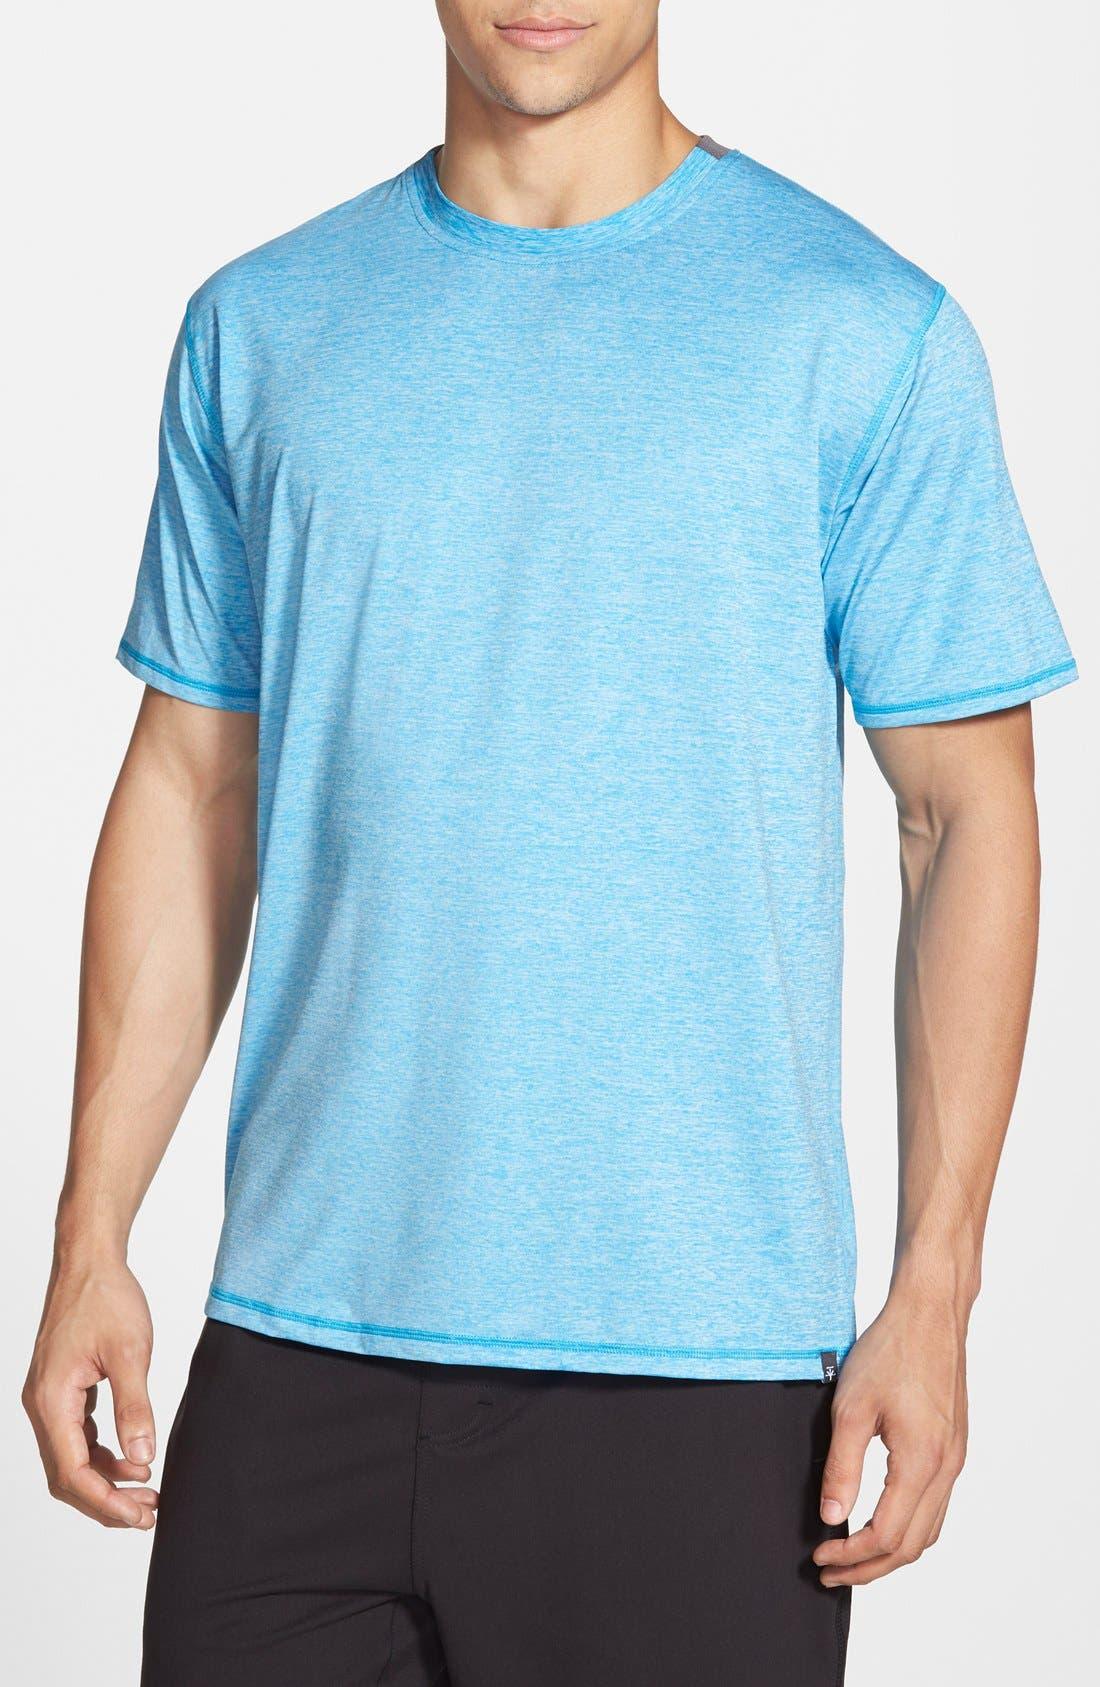 SOYBU™ 'Levity' Moisture Wicking Stretch T-Shirt